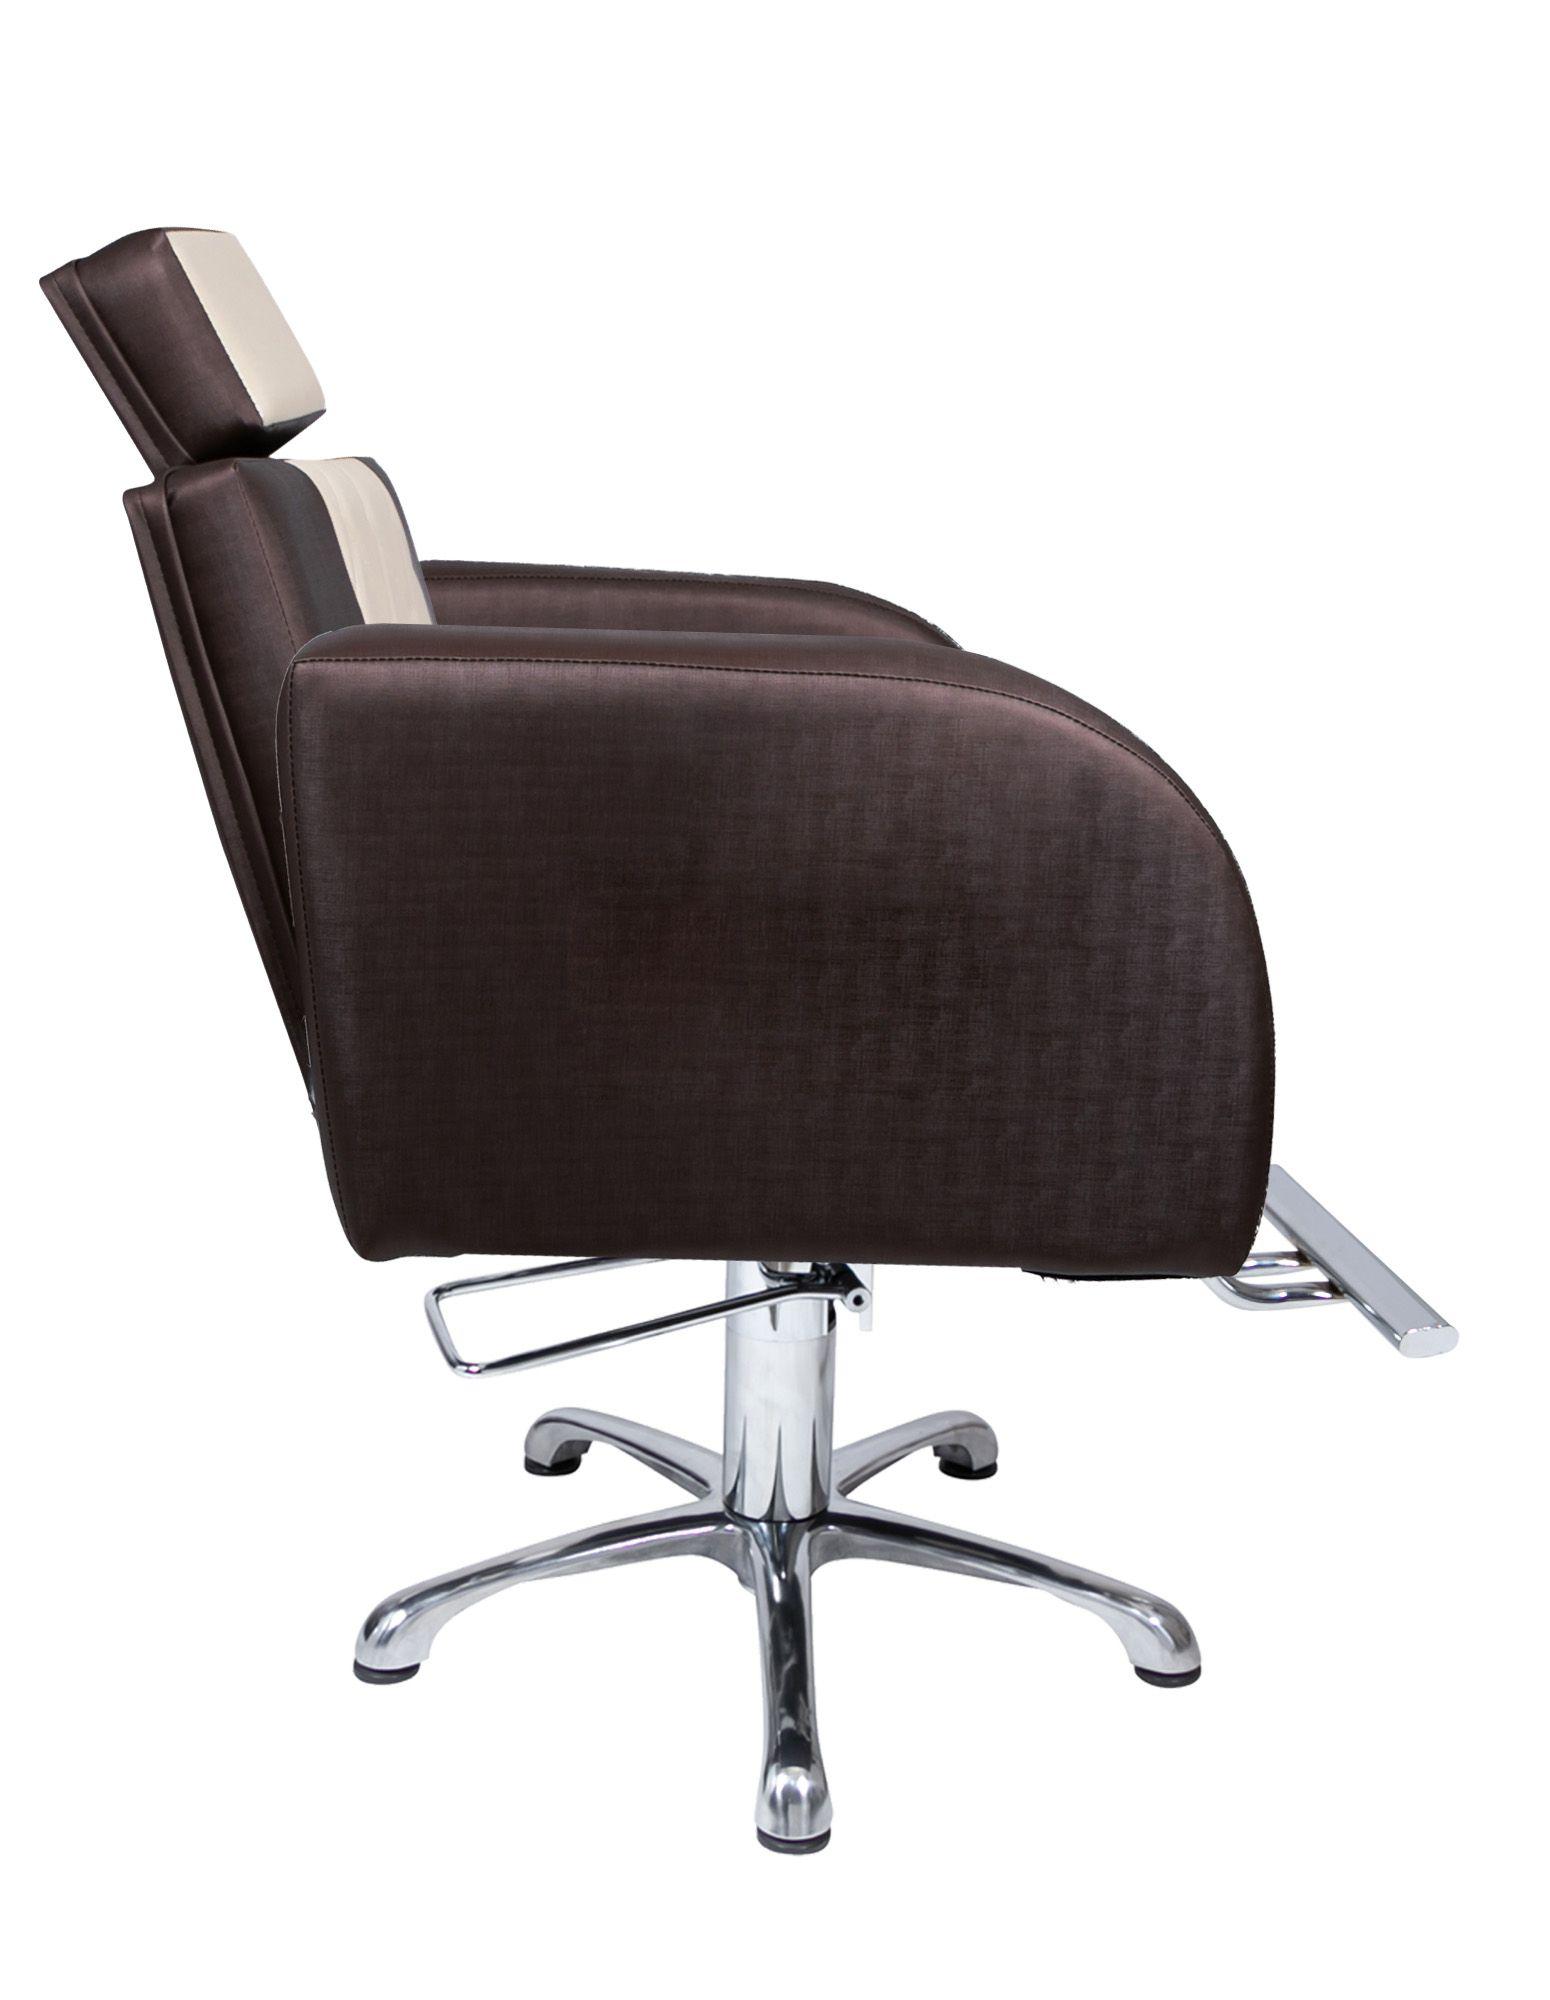 Lavatório Stilo Marrom/Bco - Cuba de FIBRA Branca + Cadeira Stilo Fixa